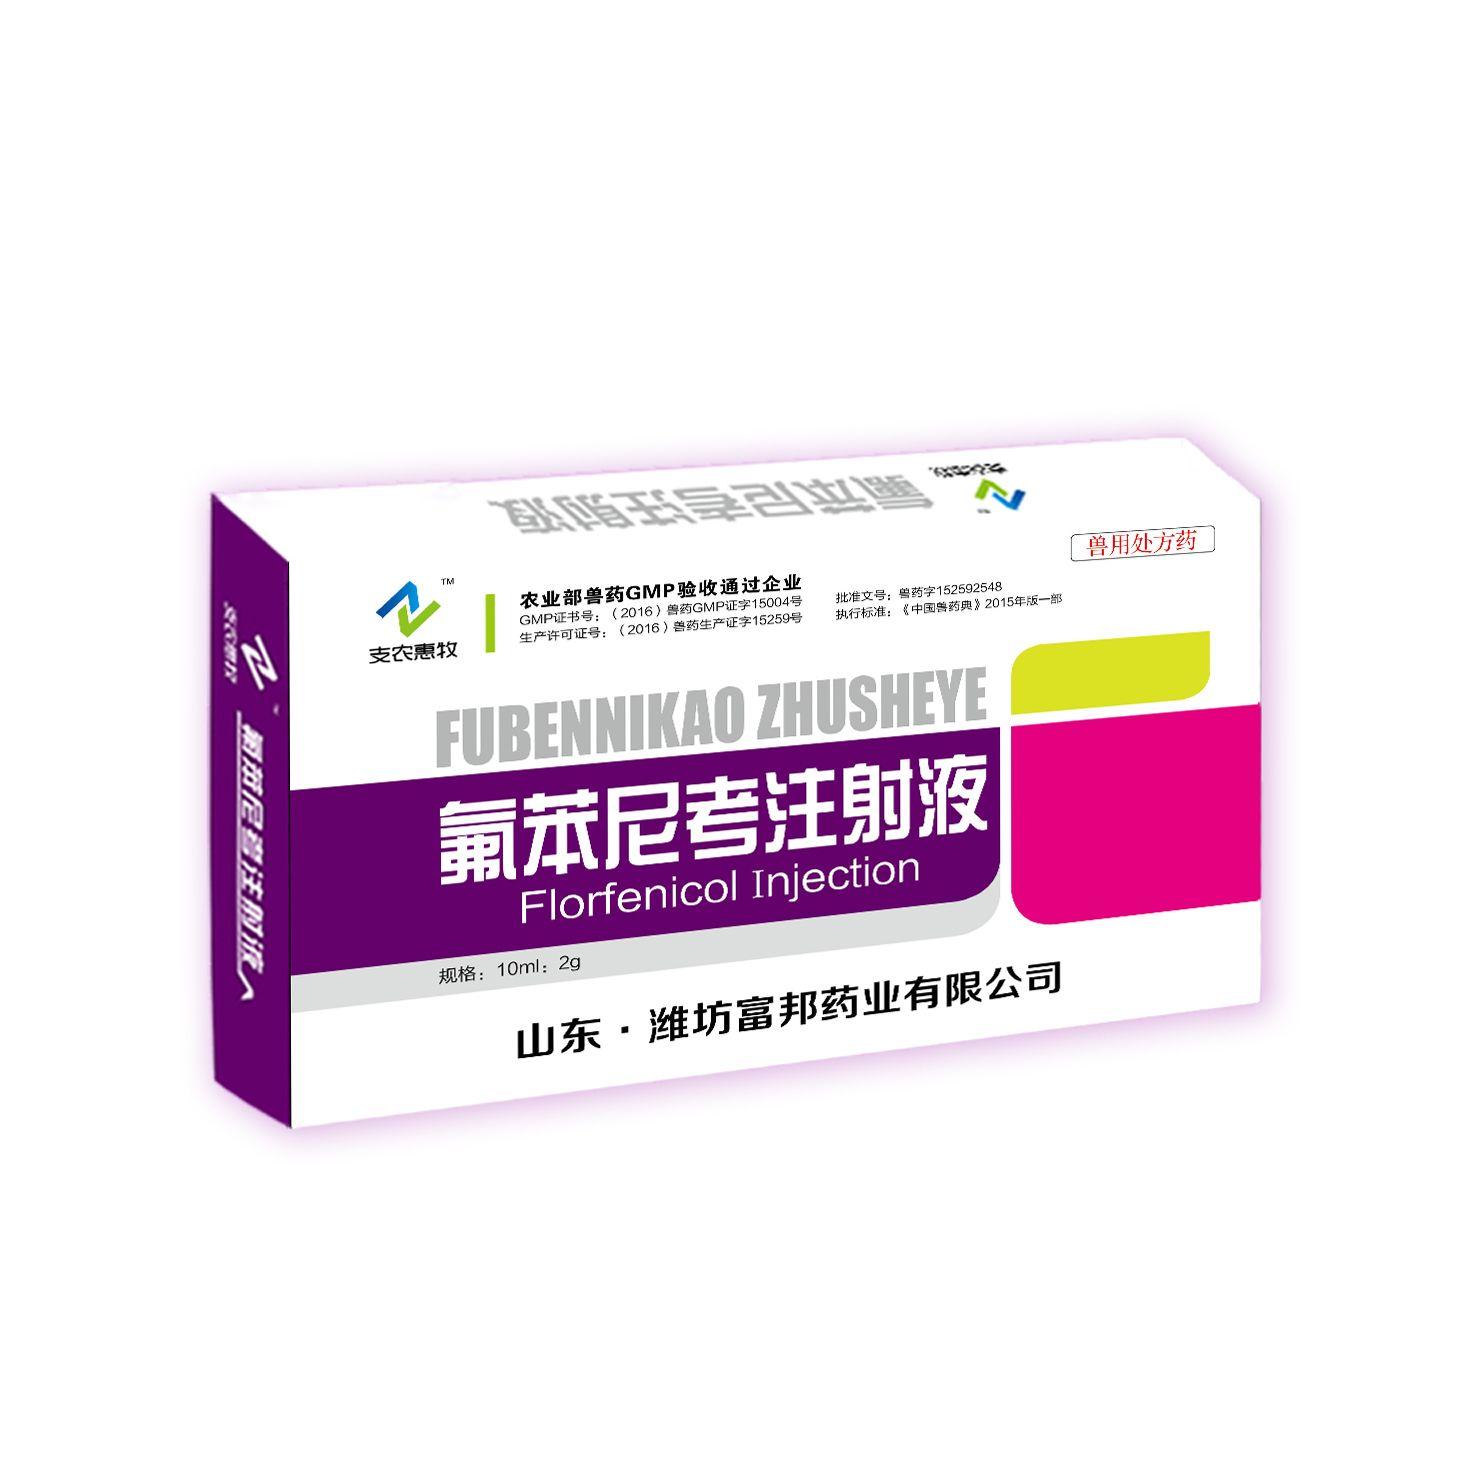 【支农惠牧】氟苯尼考注射液 10ml/支 用于敏感细菌所致的猪和鸡的细菌性疾病,如猪传染性胸膜肺炎、沙门氏菌引起的伤寒和副伤寒等。还可用于治疗鸡霍乱、鸡白痢、大肠杆菌病等。